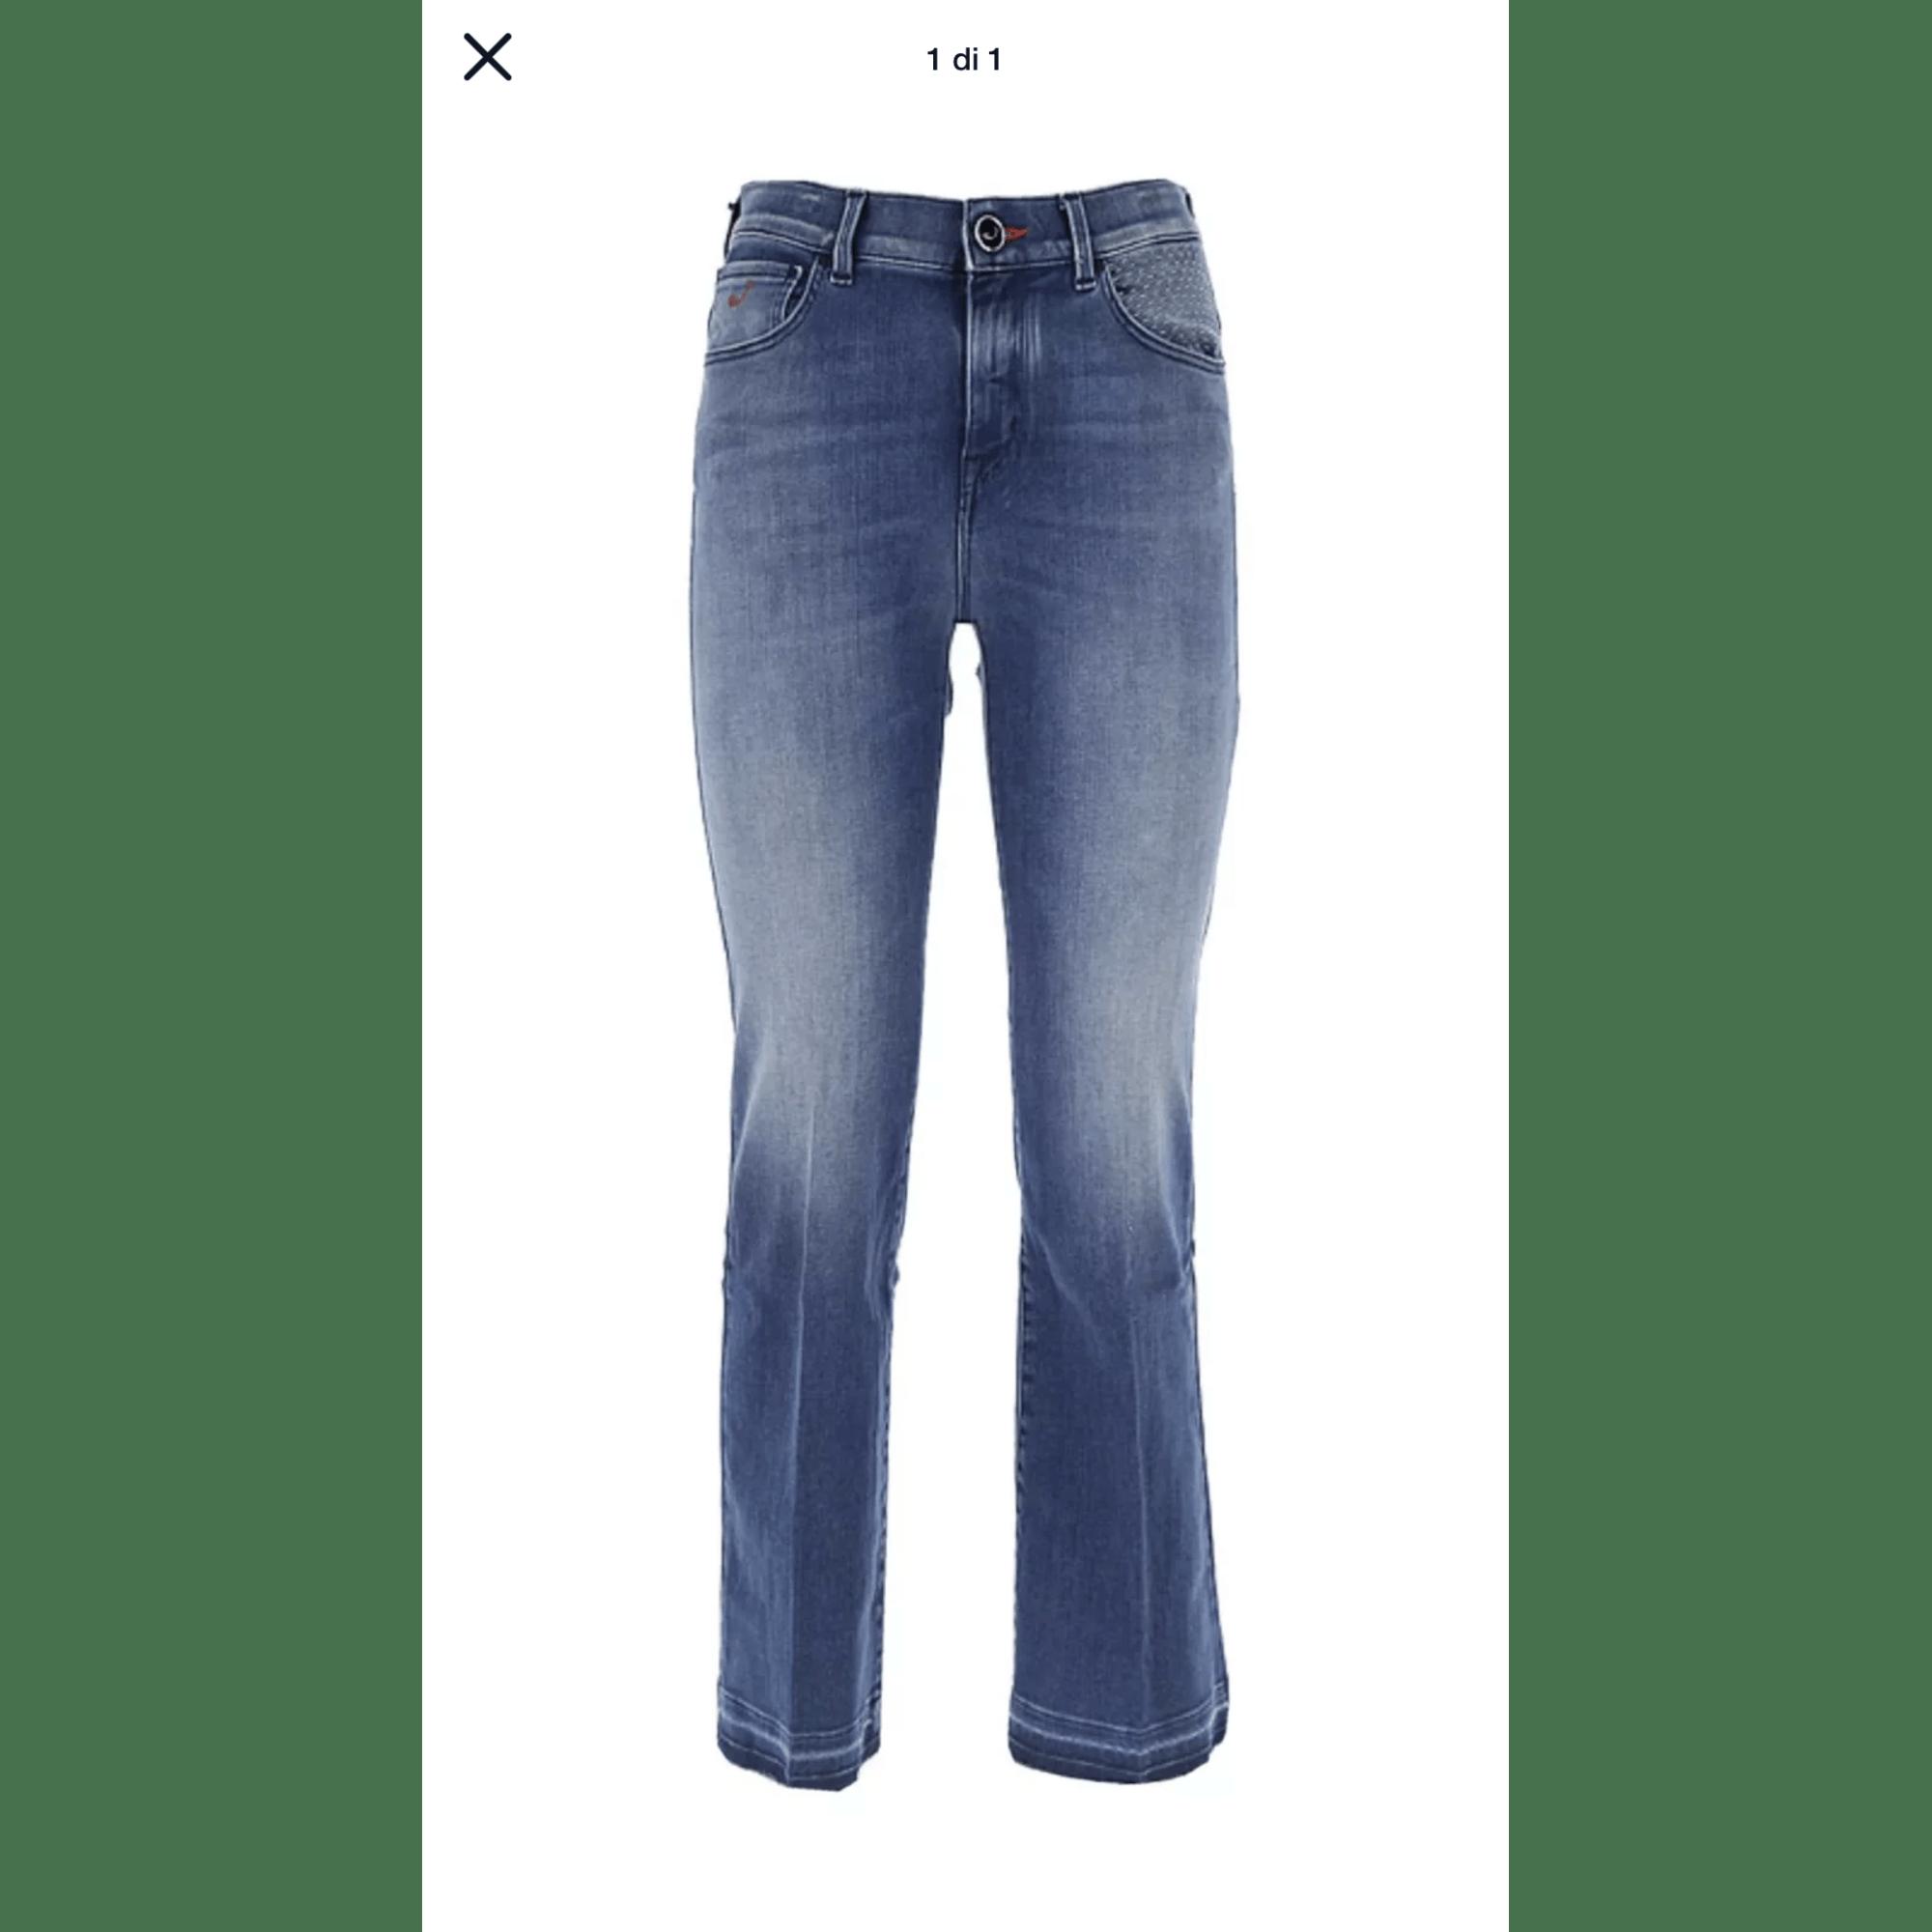 Jeans très evasé, patte d'éléphant JACOB COHEN Bleu, bleu marine, bleu turquoise